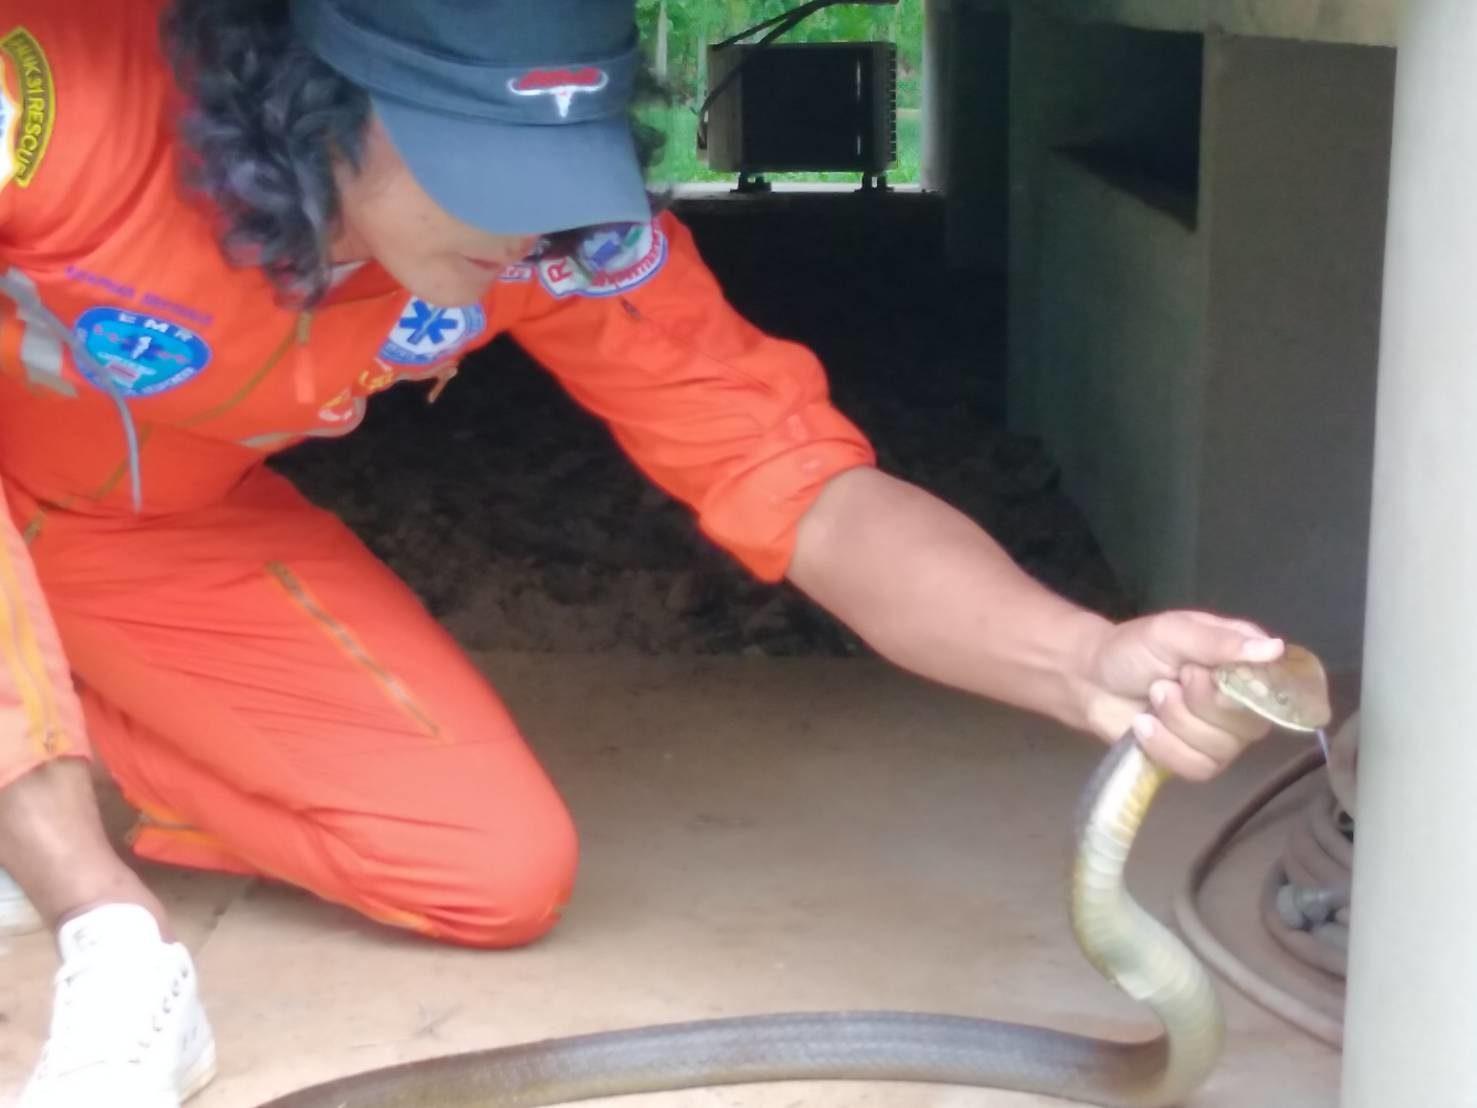 งูจงอาง 3 เมตรมุดใต้ถุน เจ้าของบ้านระทึก! รีบแจ้งกู้ภัยช่วยจับ